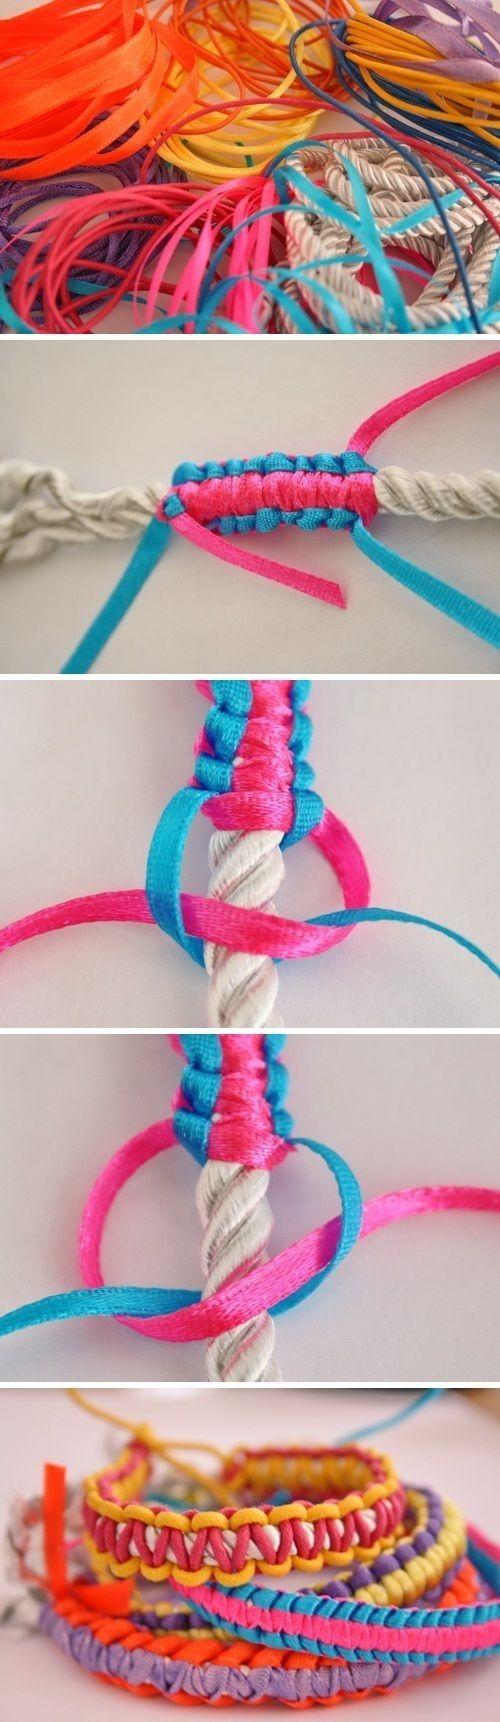 ロープを芯にしてリボンや糸や紐を結ぶブレスレット 充電器やイヤホンのコード、バッグの持ち手もくるめます